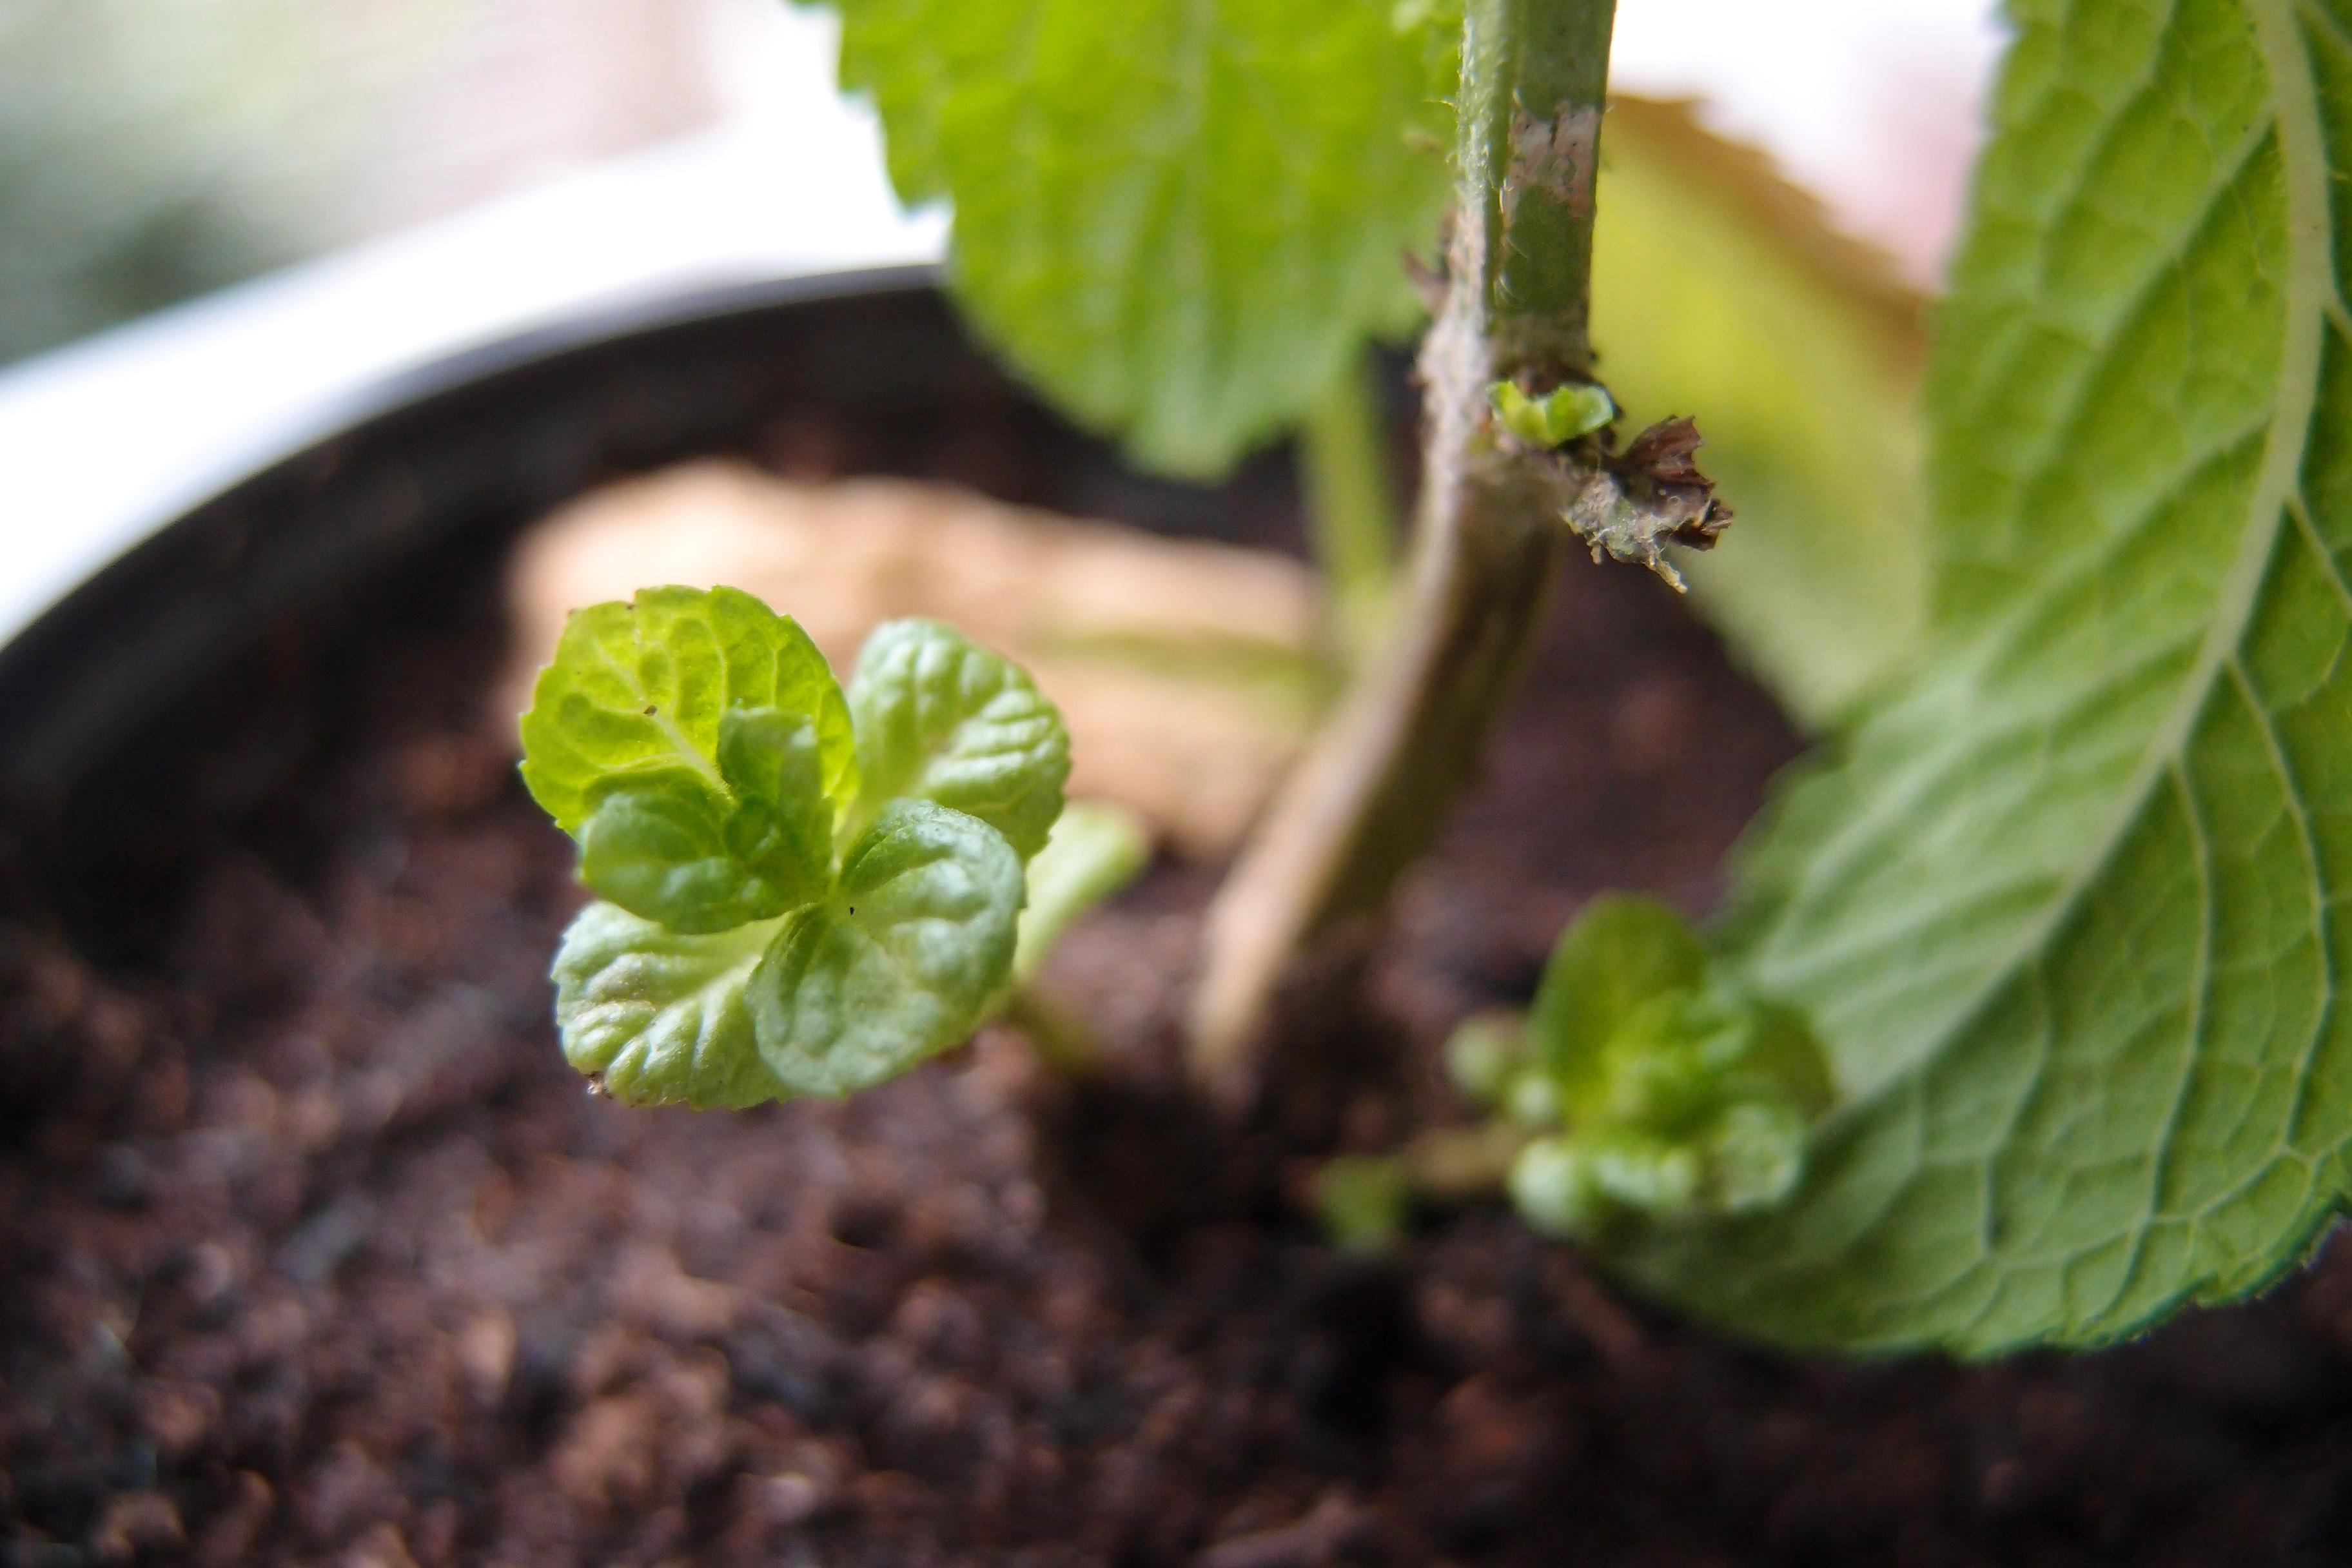 ミントの成長速度は、土と水の質が大きく関係しているのかも(ハーブ育成日記・その2)